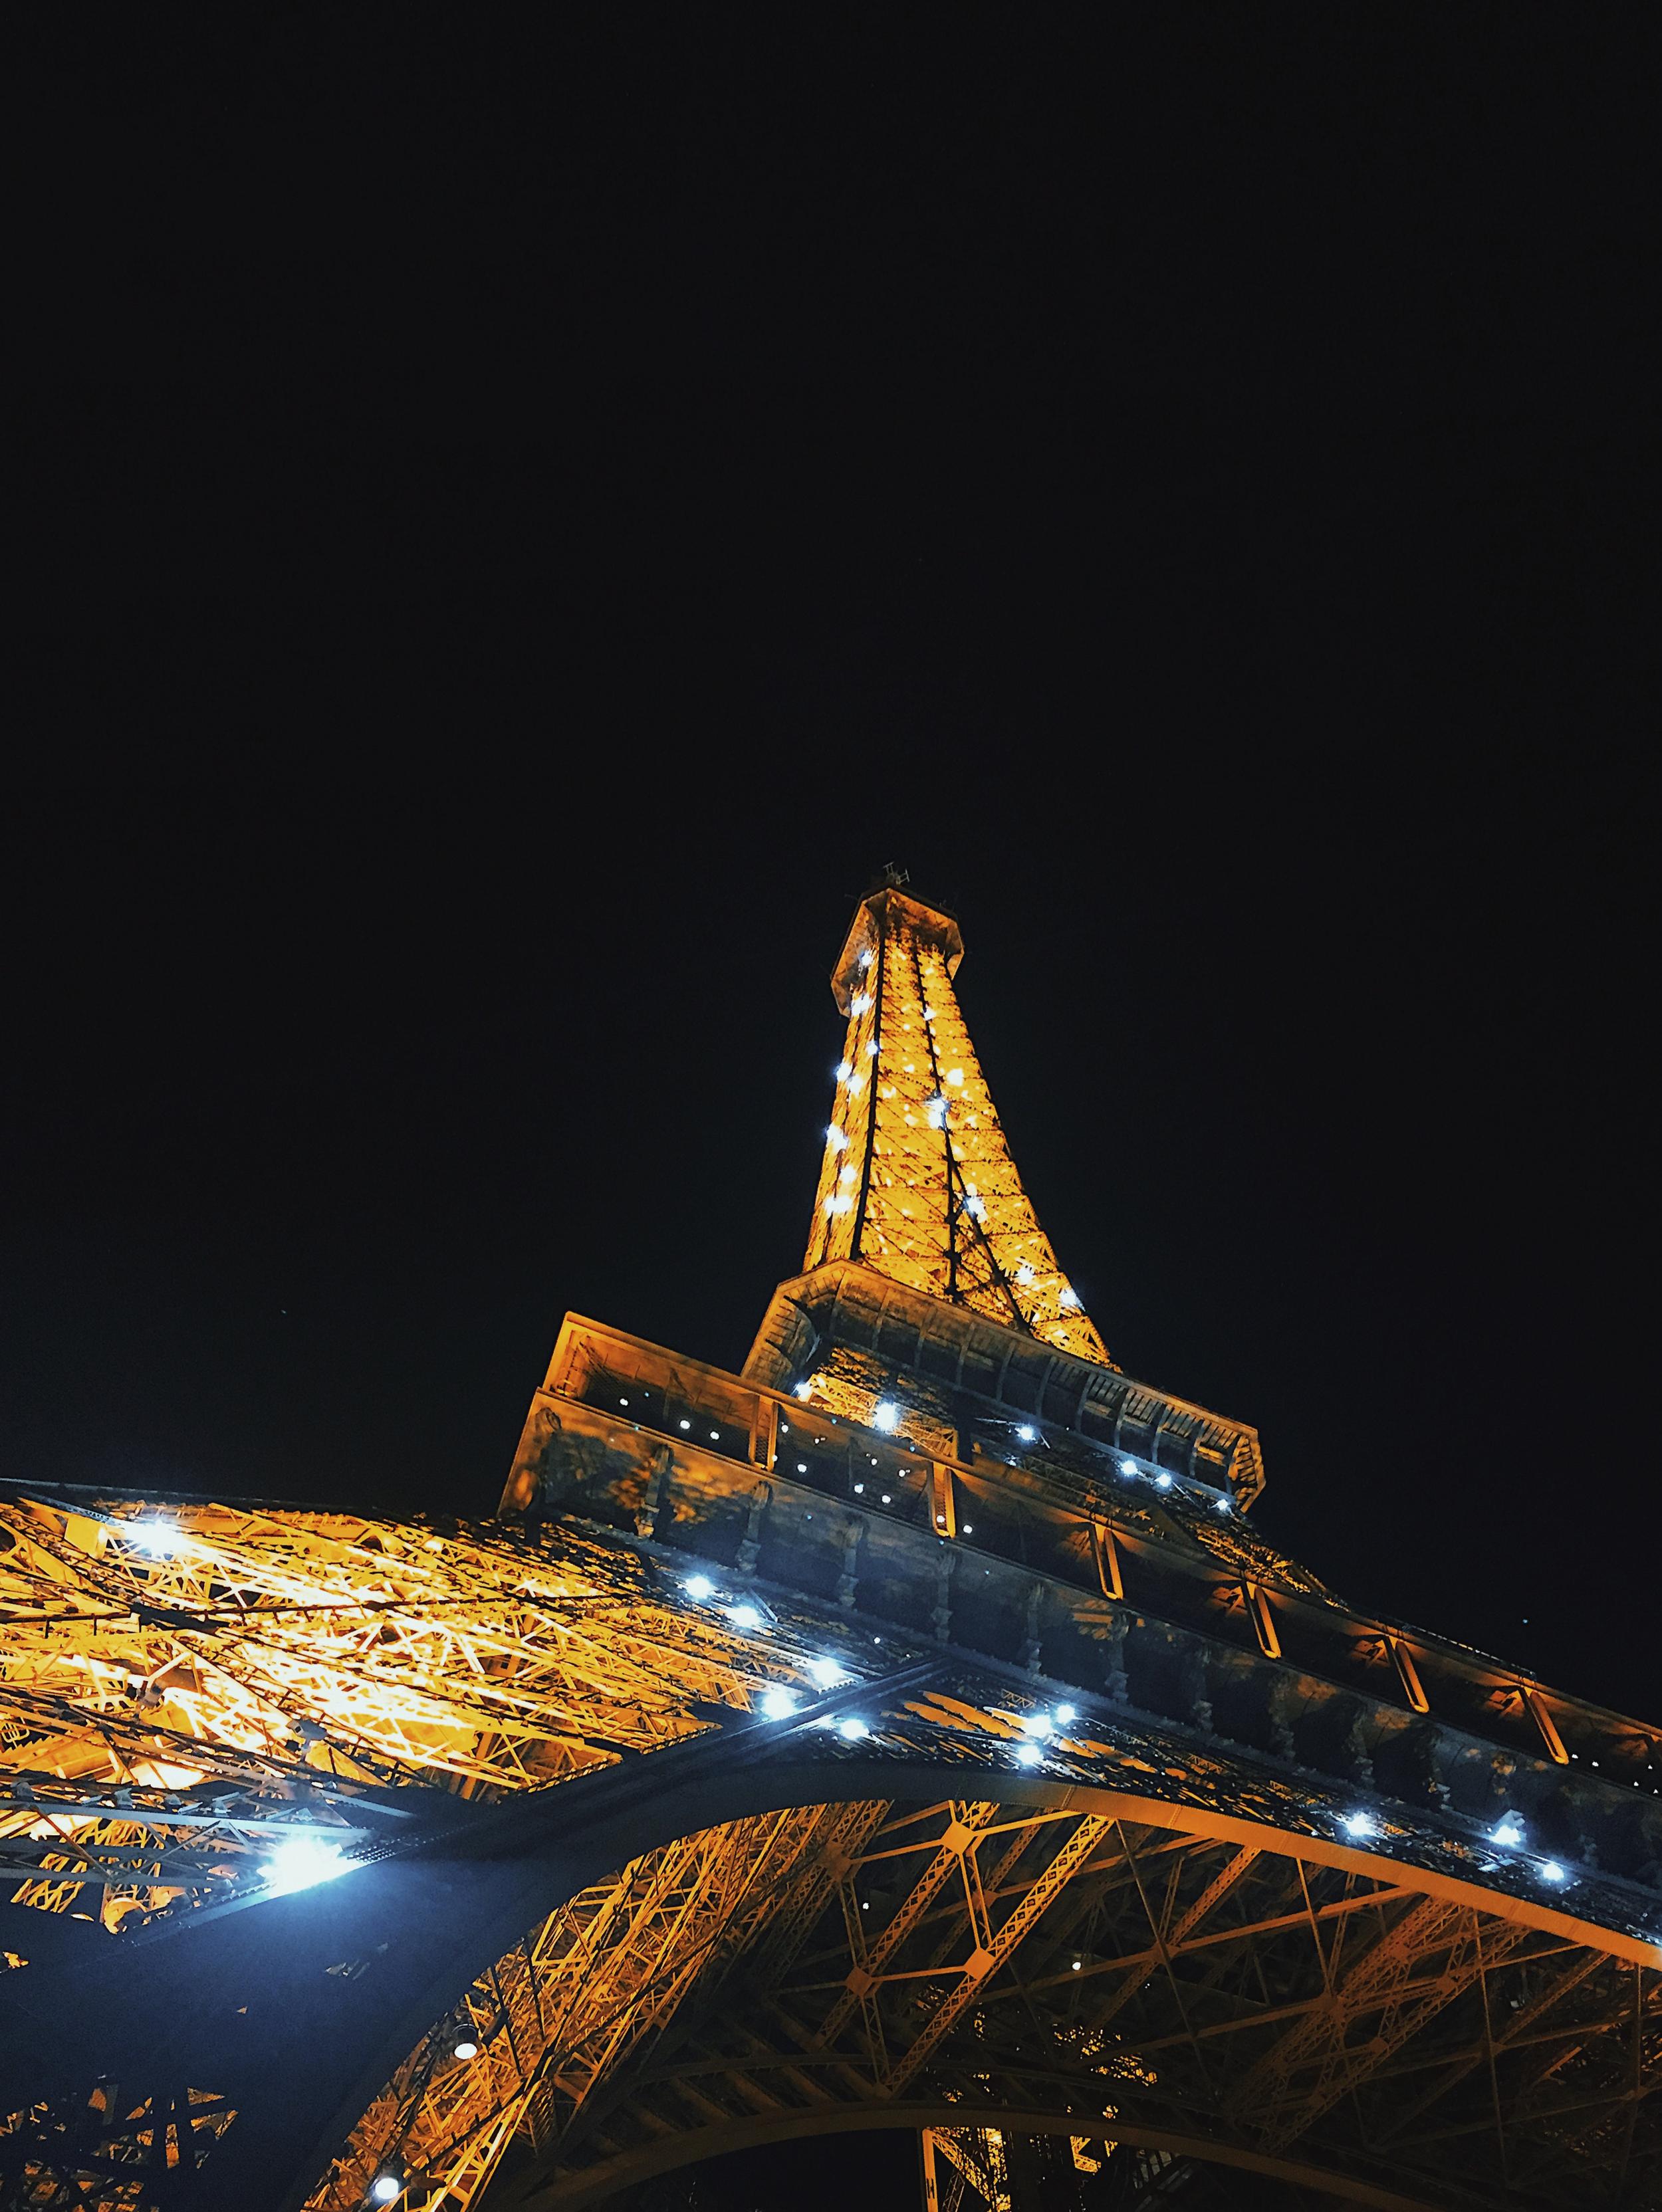 The Paris Bucket List - Eiffel Tower light show